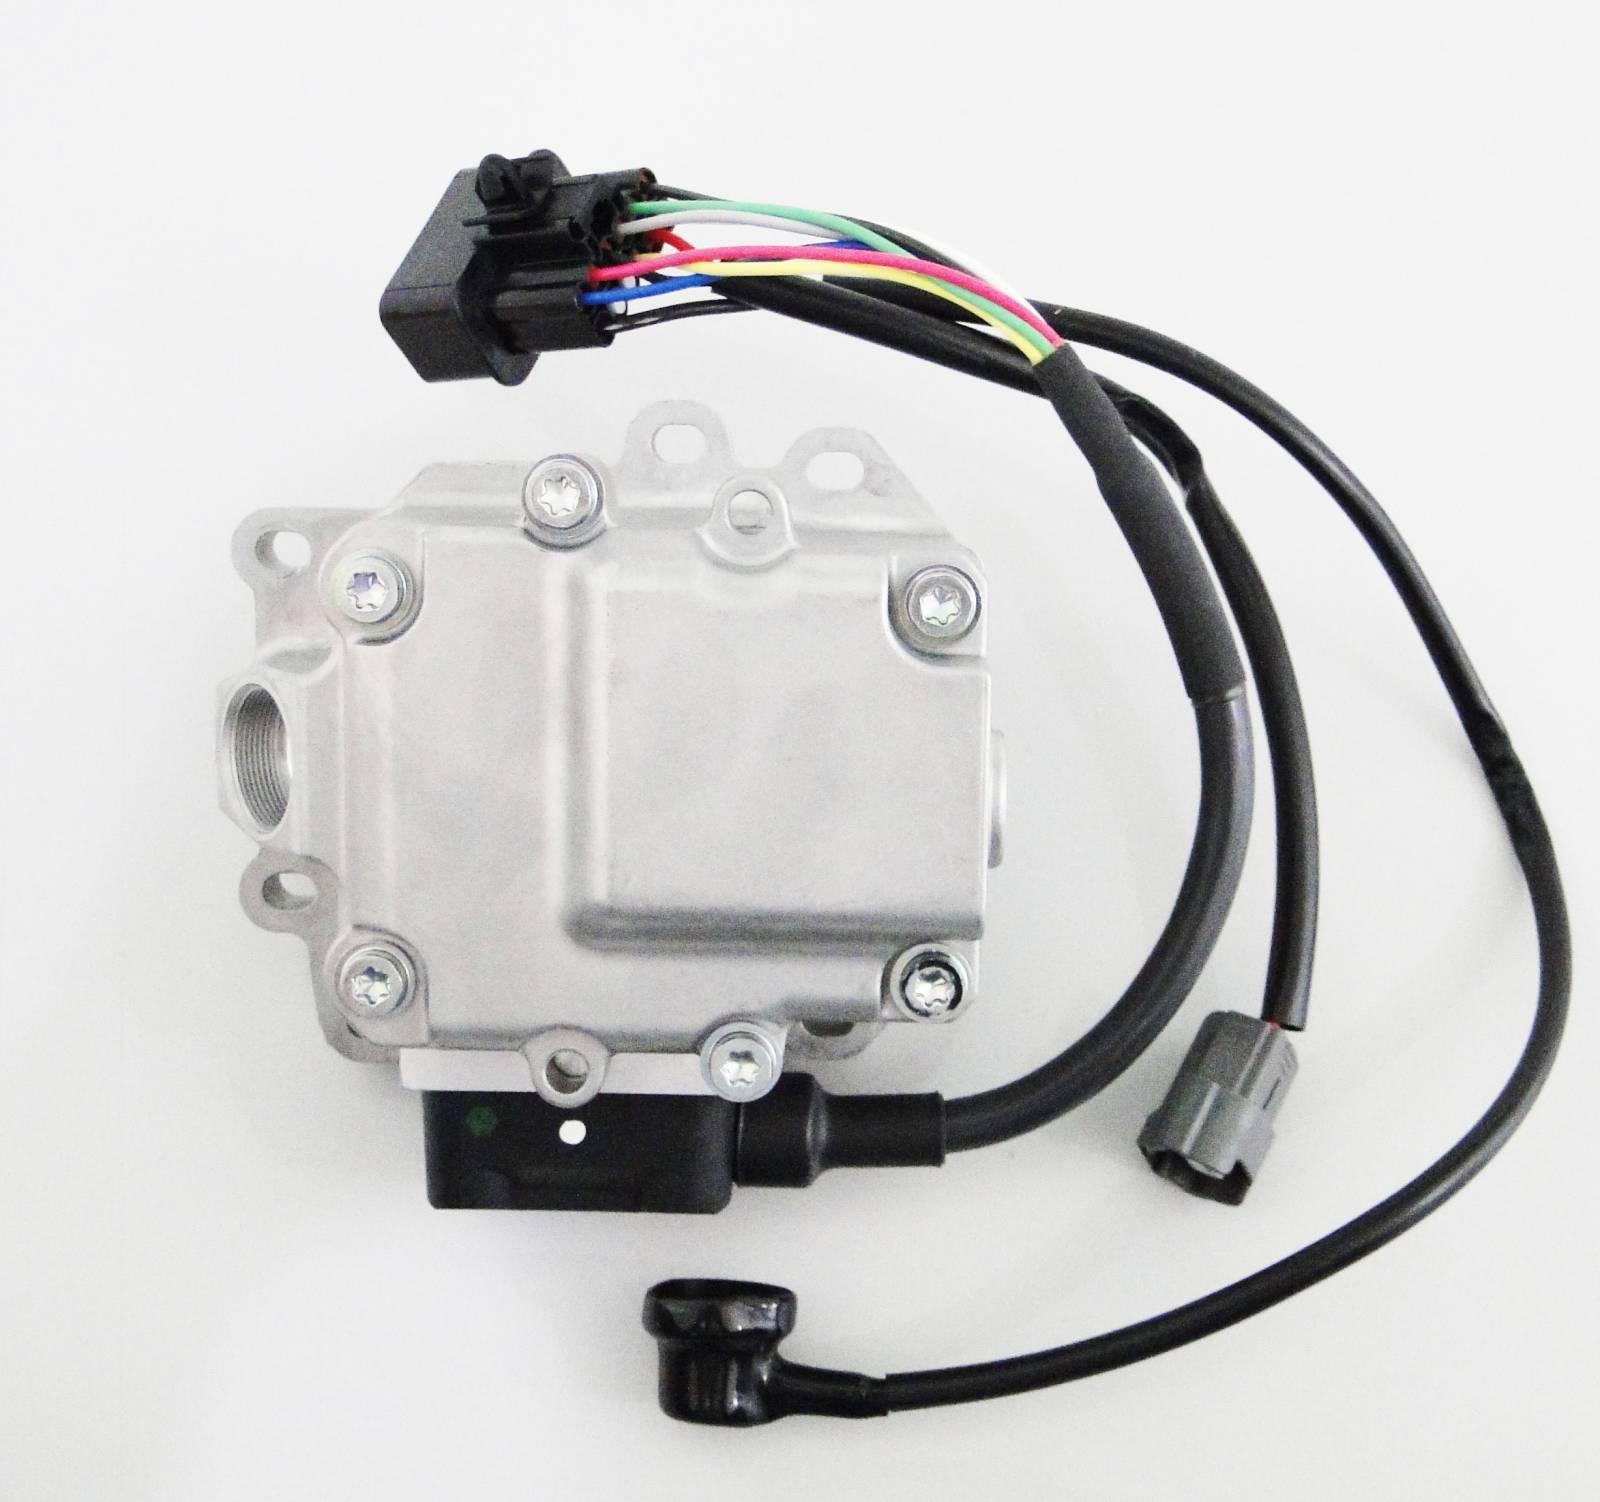 Gerenciador Pajero Full L200 Eletrônico 148530-0621 - Casa do Injetor